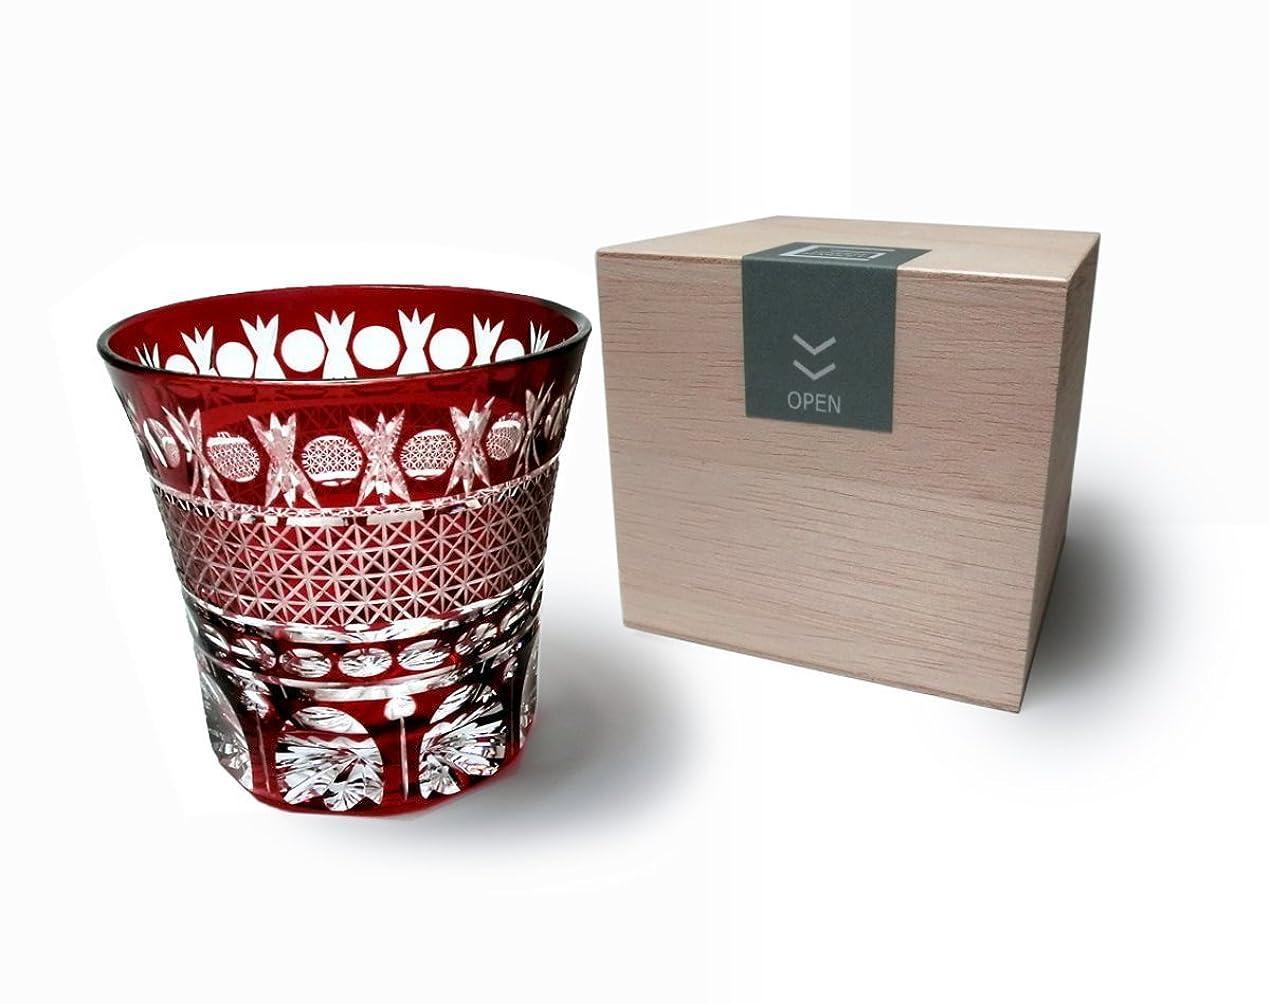 ガチョウ商人確率GREEM MARKET(グリームマーケット) 木箱付 工芸品 ガラス細工 切子 グラス コップ 焼酎グラス 切子グラス 品番:GMS00726(レッド)